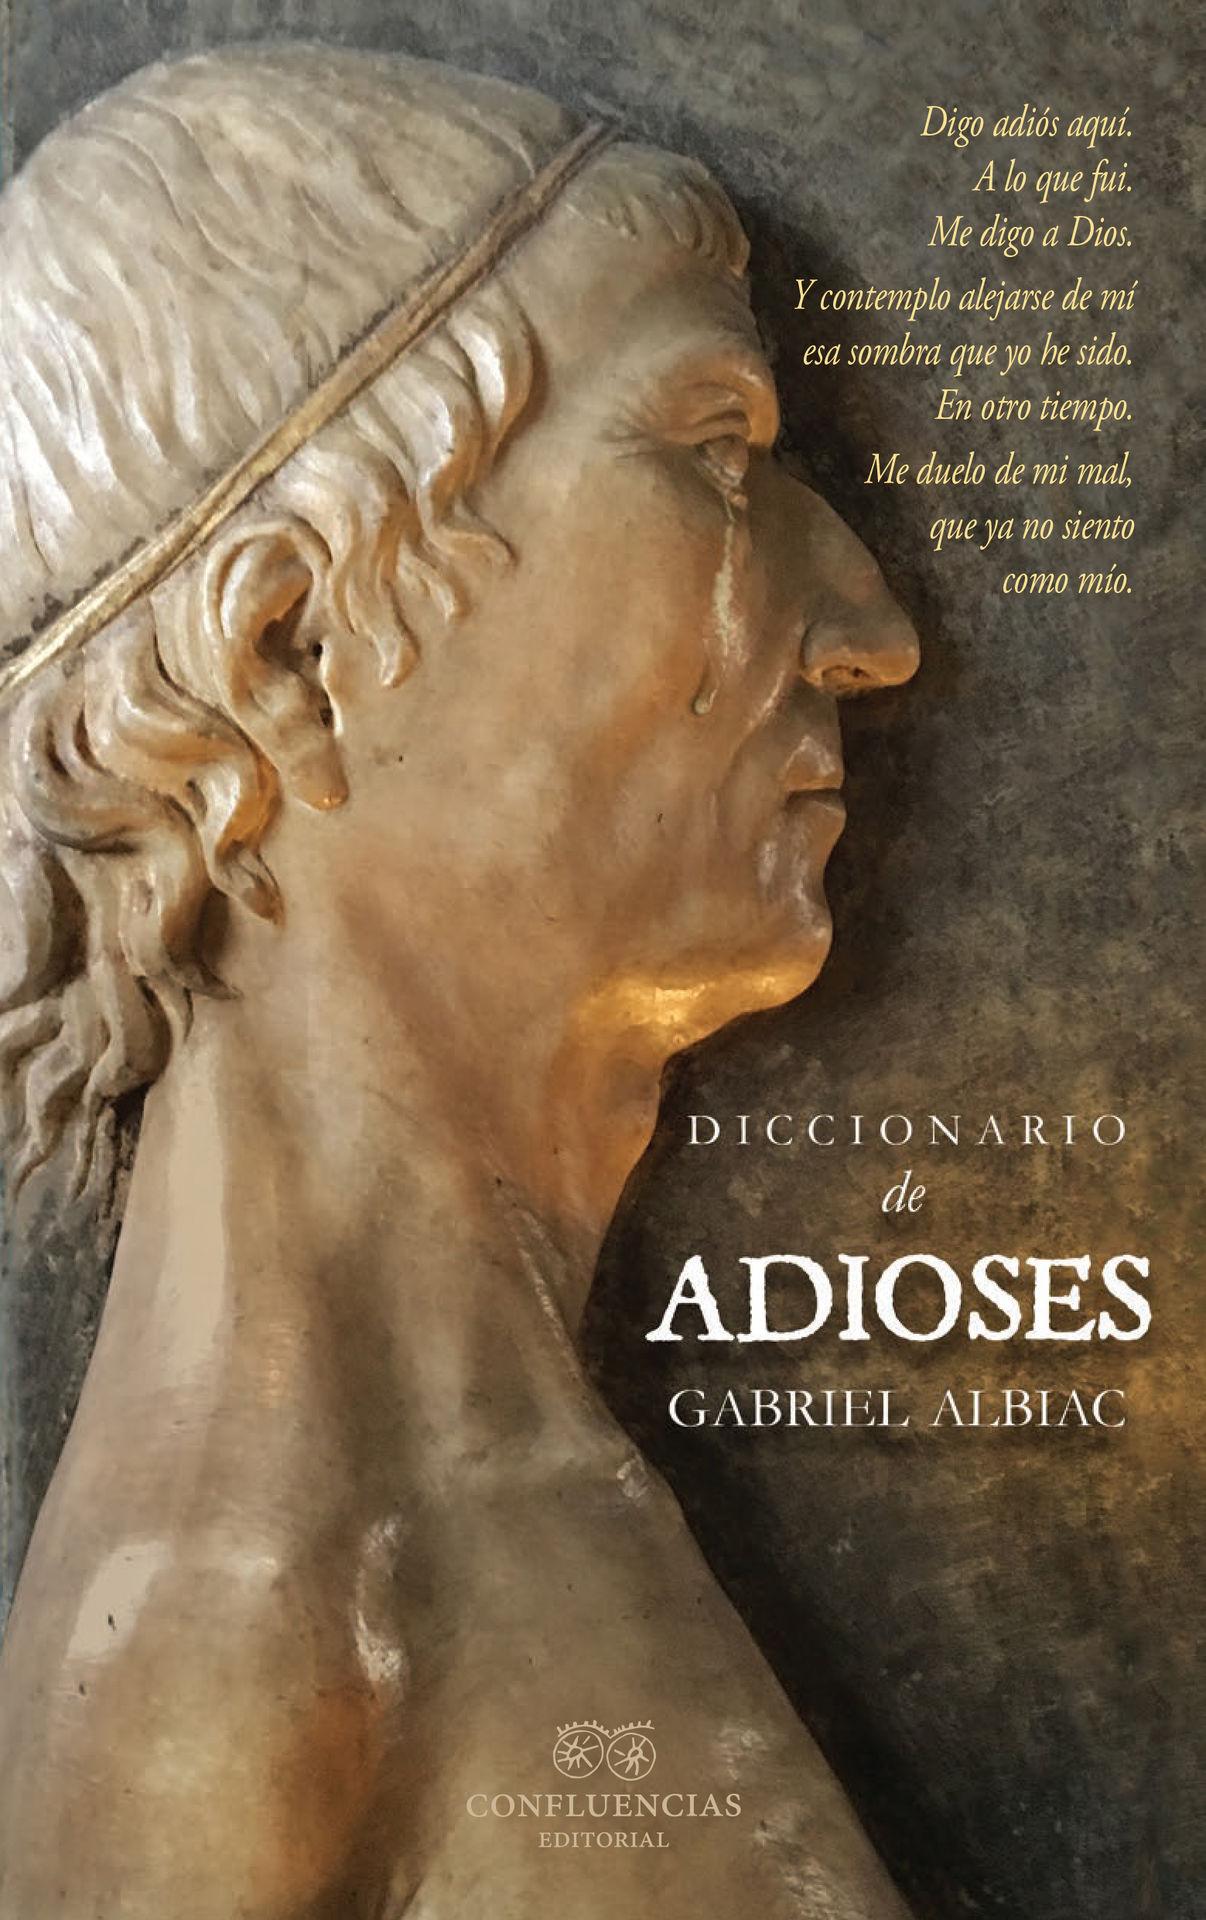 albiac-diccionario-adioses-confluencias.jpg